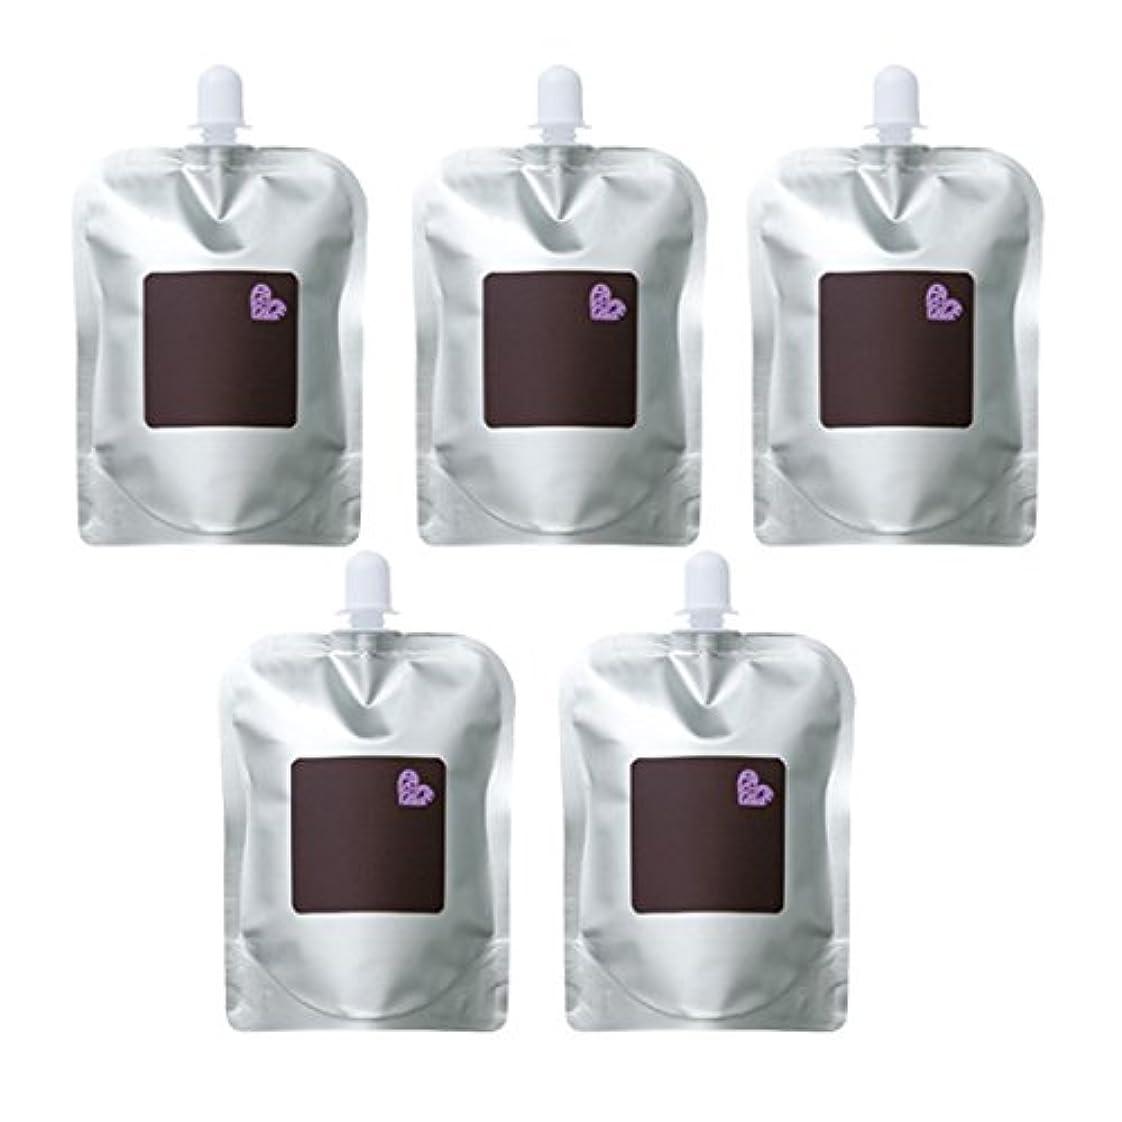 最も早い案件毎年【X5個セット】 アリミノ ピース バウンシーカール ホイップ 400g 詰替え用